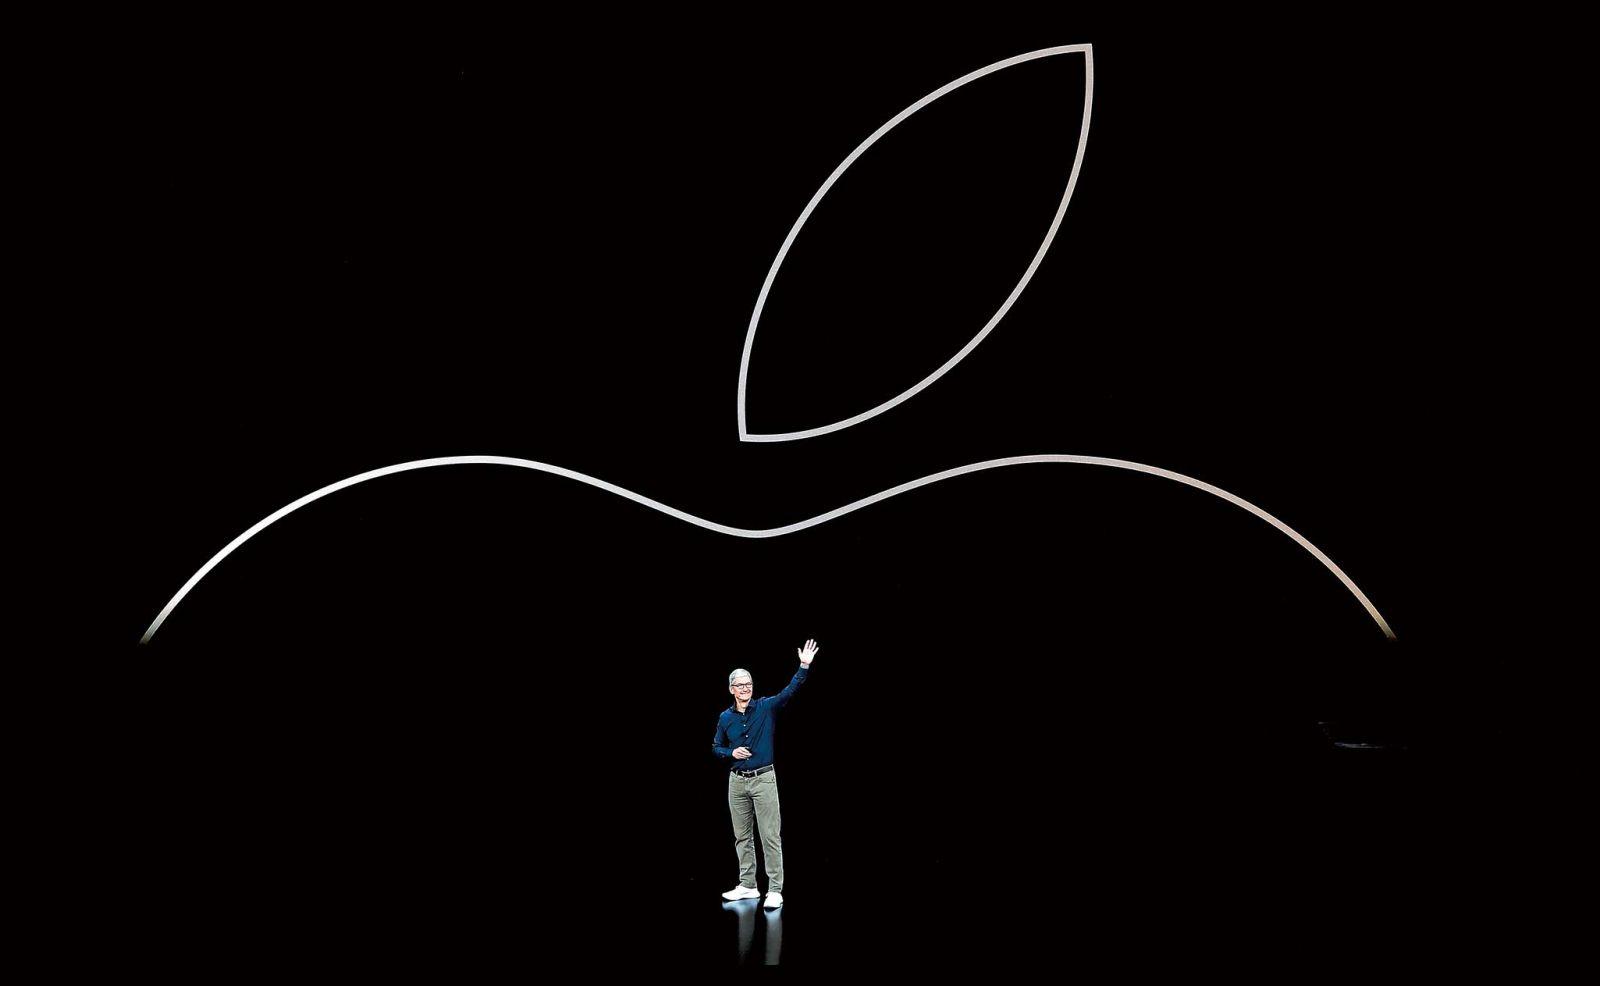 蘋果發布會引網友瘋狂吐槽